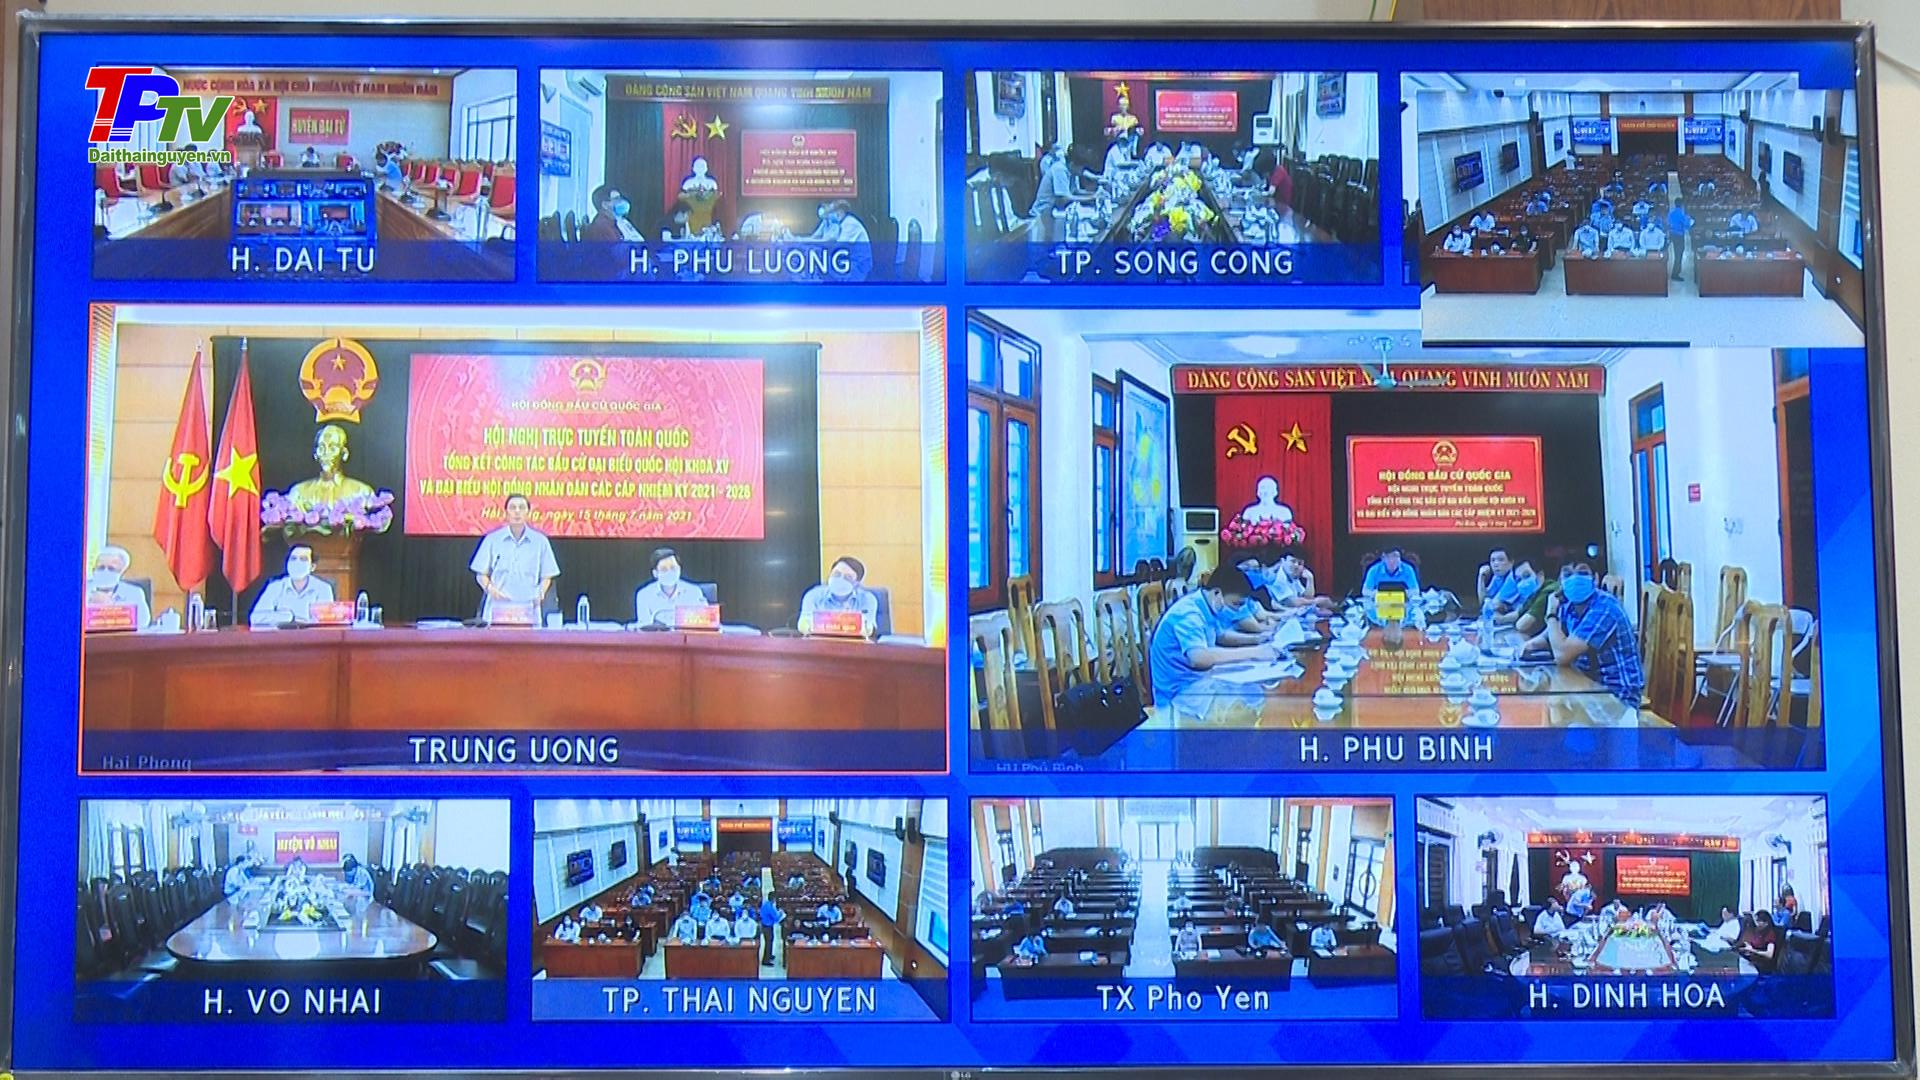 Hội nghị toàn quốc tổng kết công tác bầu cử đại biểu Quốc hội khóa XV và đại biểu HĐND các cấp nhiệm kỳ 2021 - 2026.